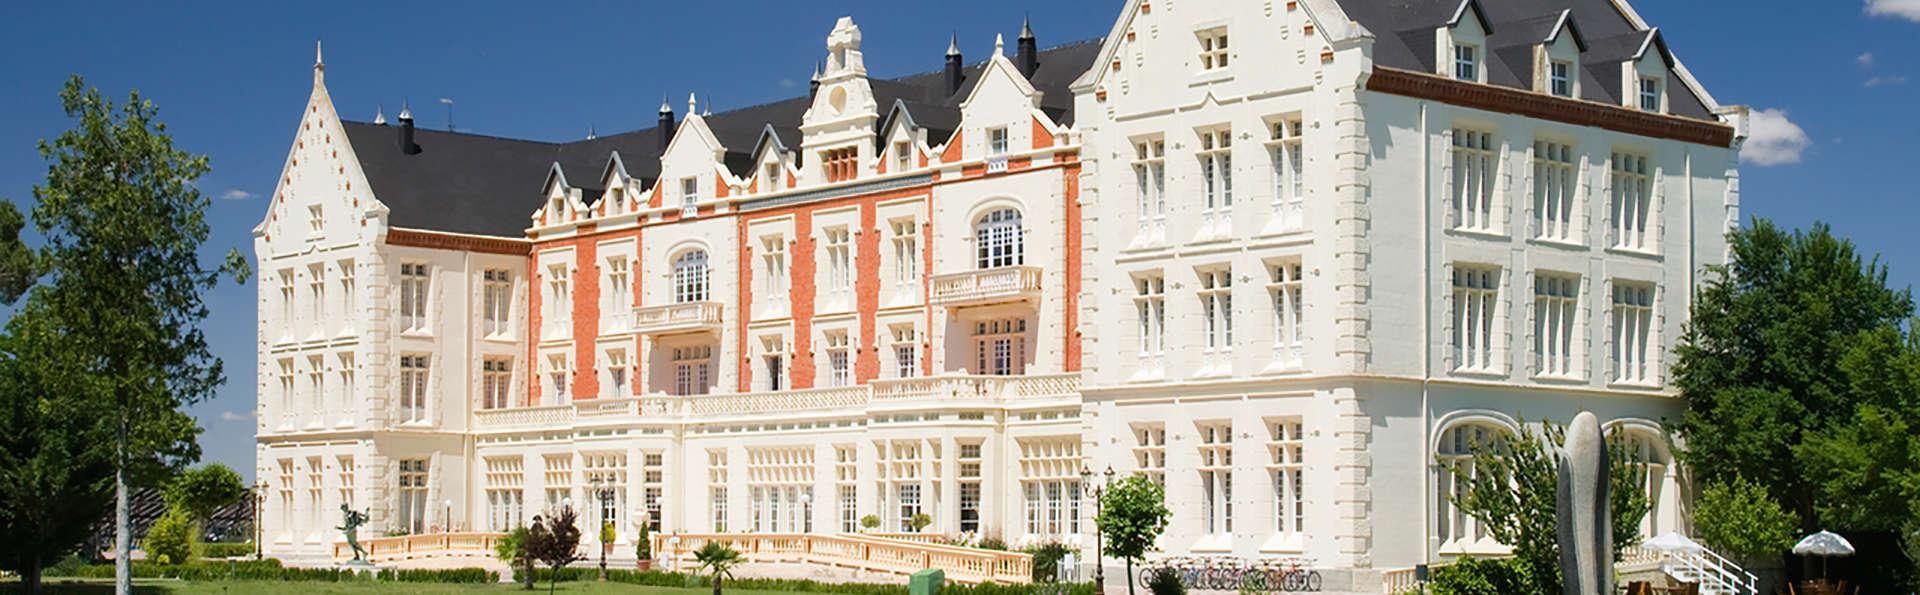 Balneario Hotel Palacio de las Salinas - EDIT_front.jpg